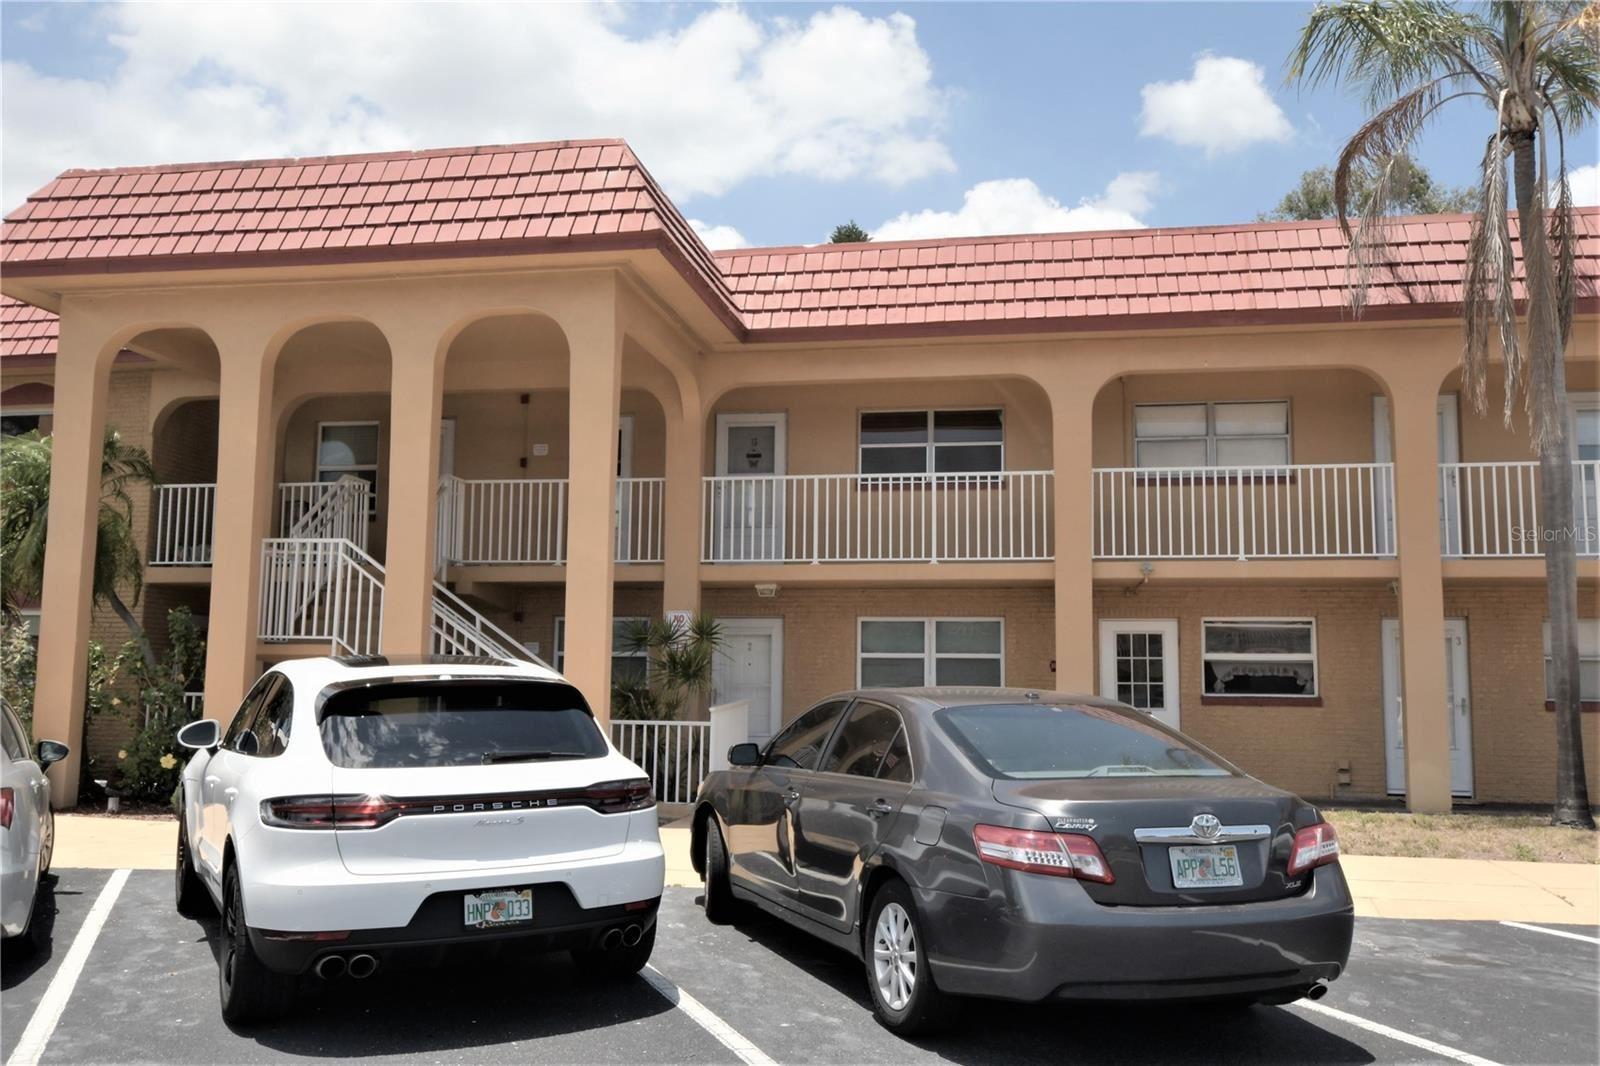 1300 S HERCULES AVENUE #2, Clearwater, FL 33764 - #: U8124788